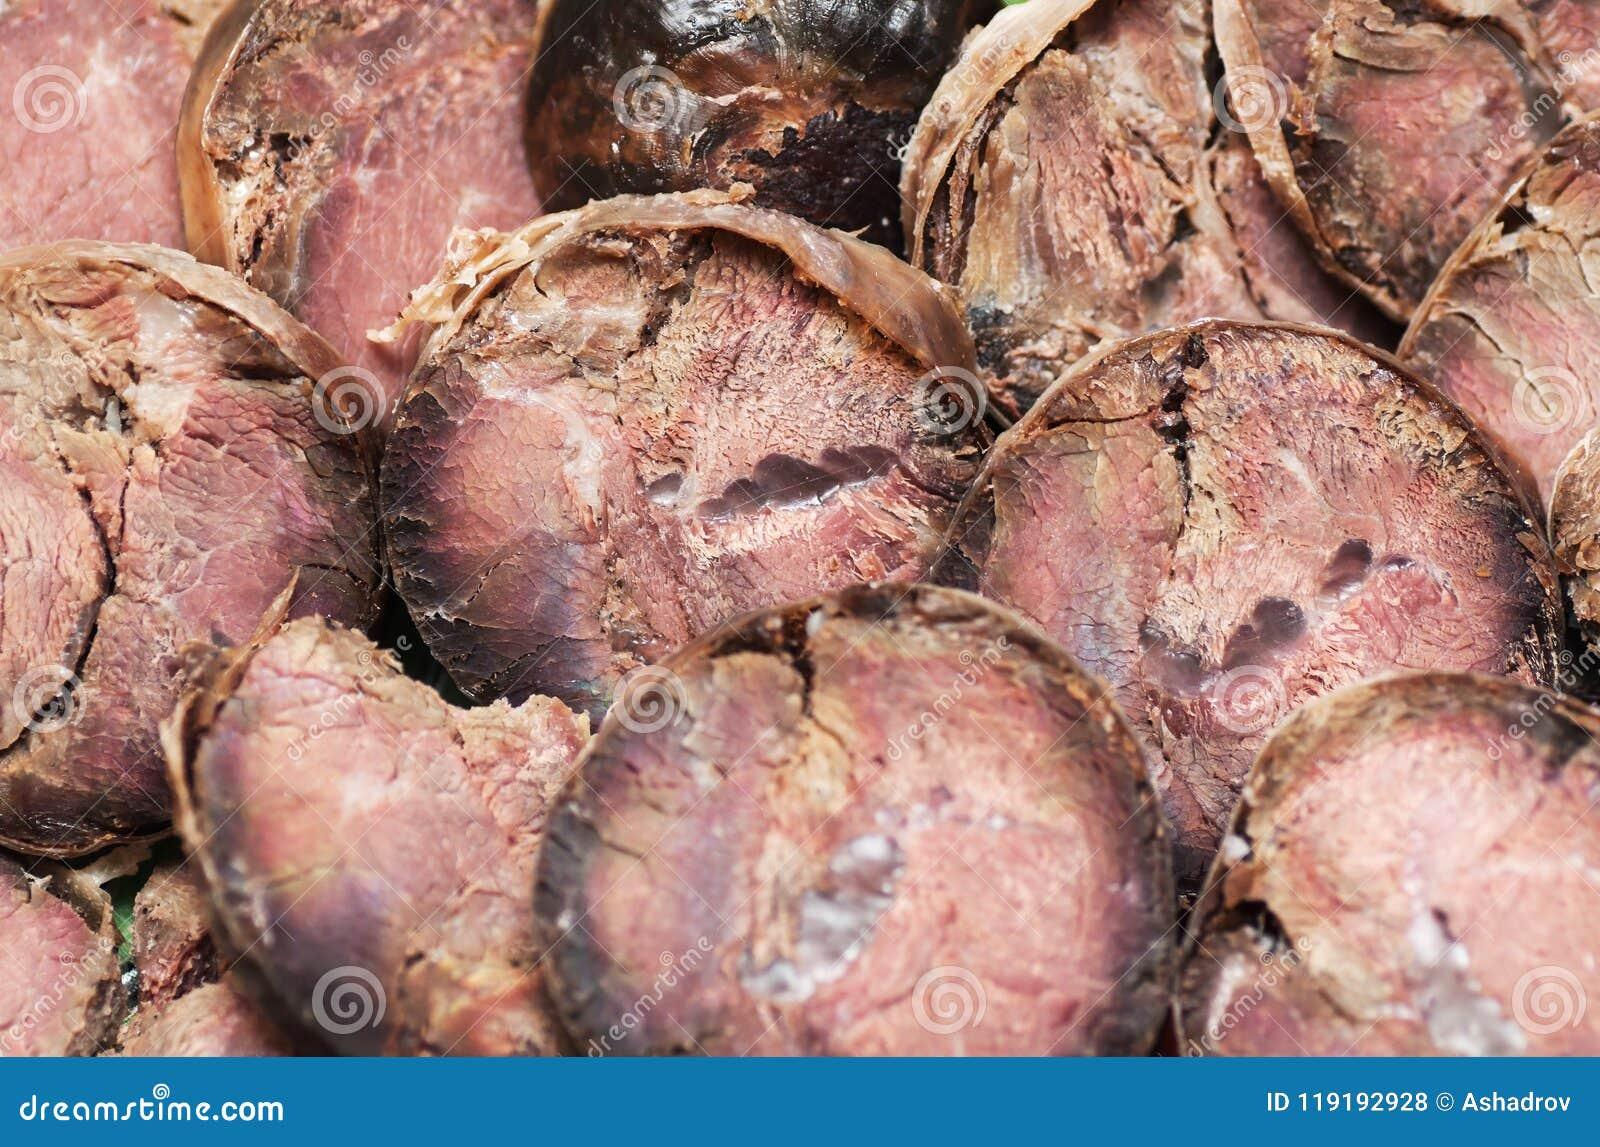 As fatias do corte de salsicha do cavalo feito da carne delicacy